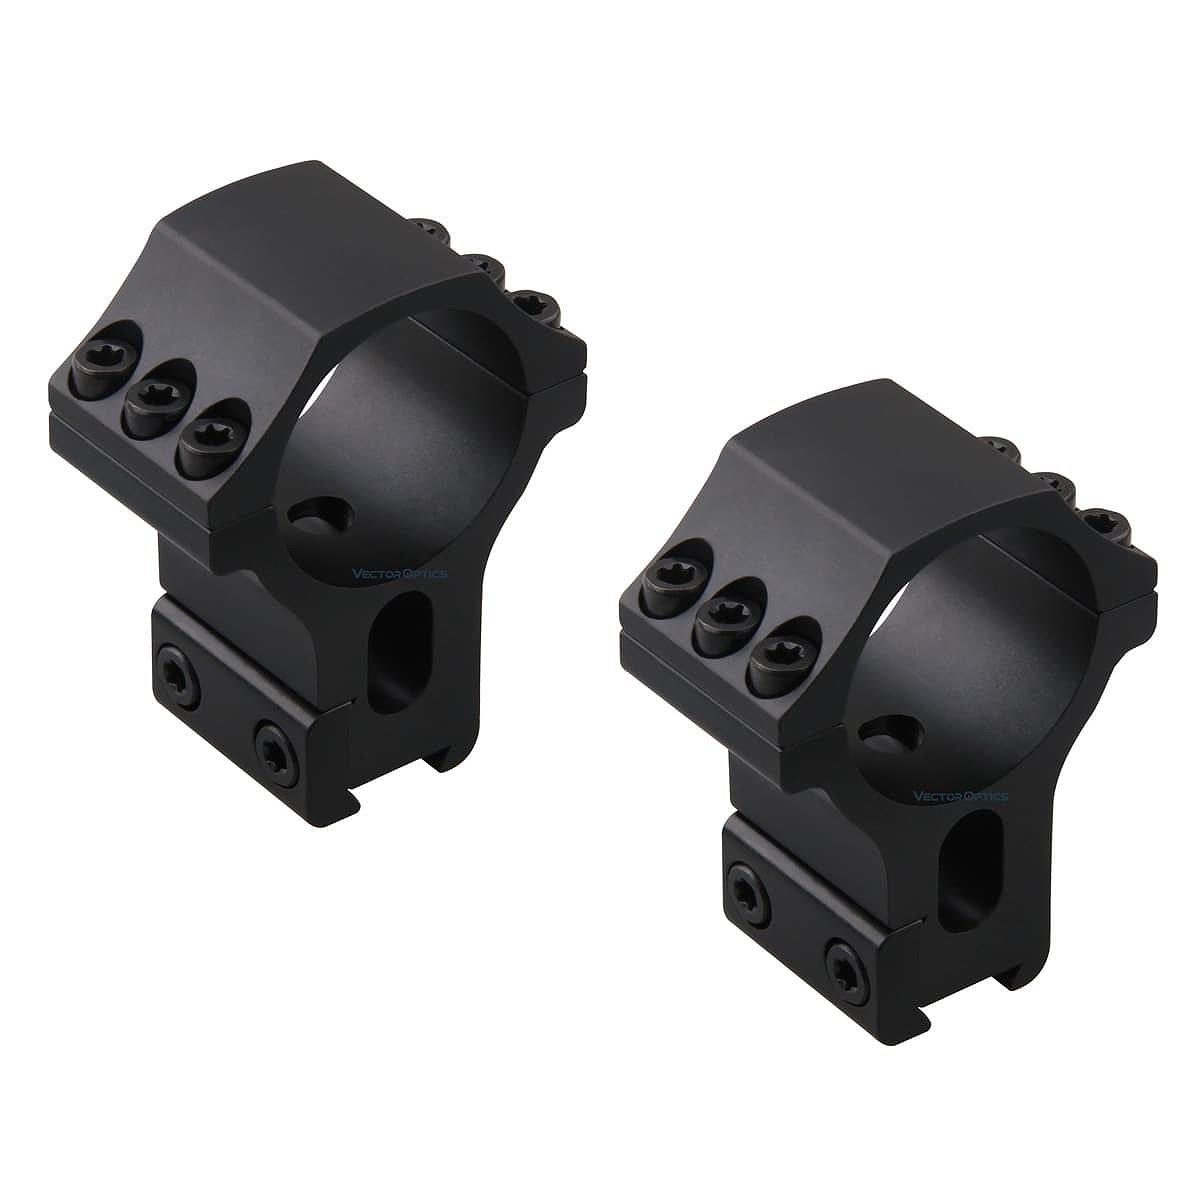 """【お届け予定日: 6月30日】ベクターオプティクス スコープマウント 30mm X-Accu 1.5""""Profile Dovetail Rings  Vector Optics SCTM-38"""